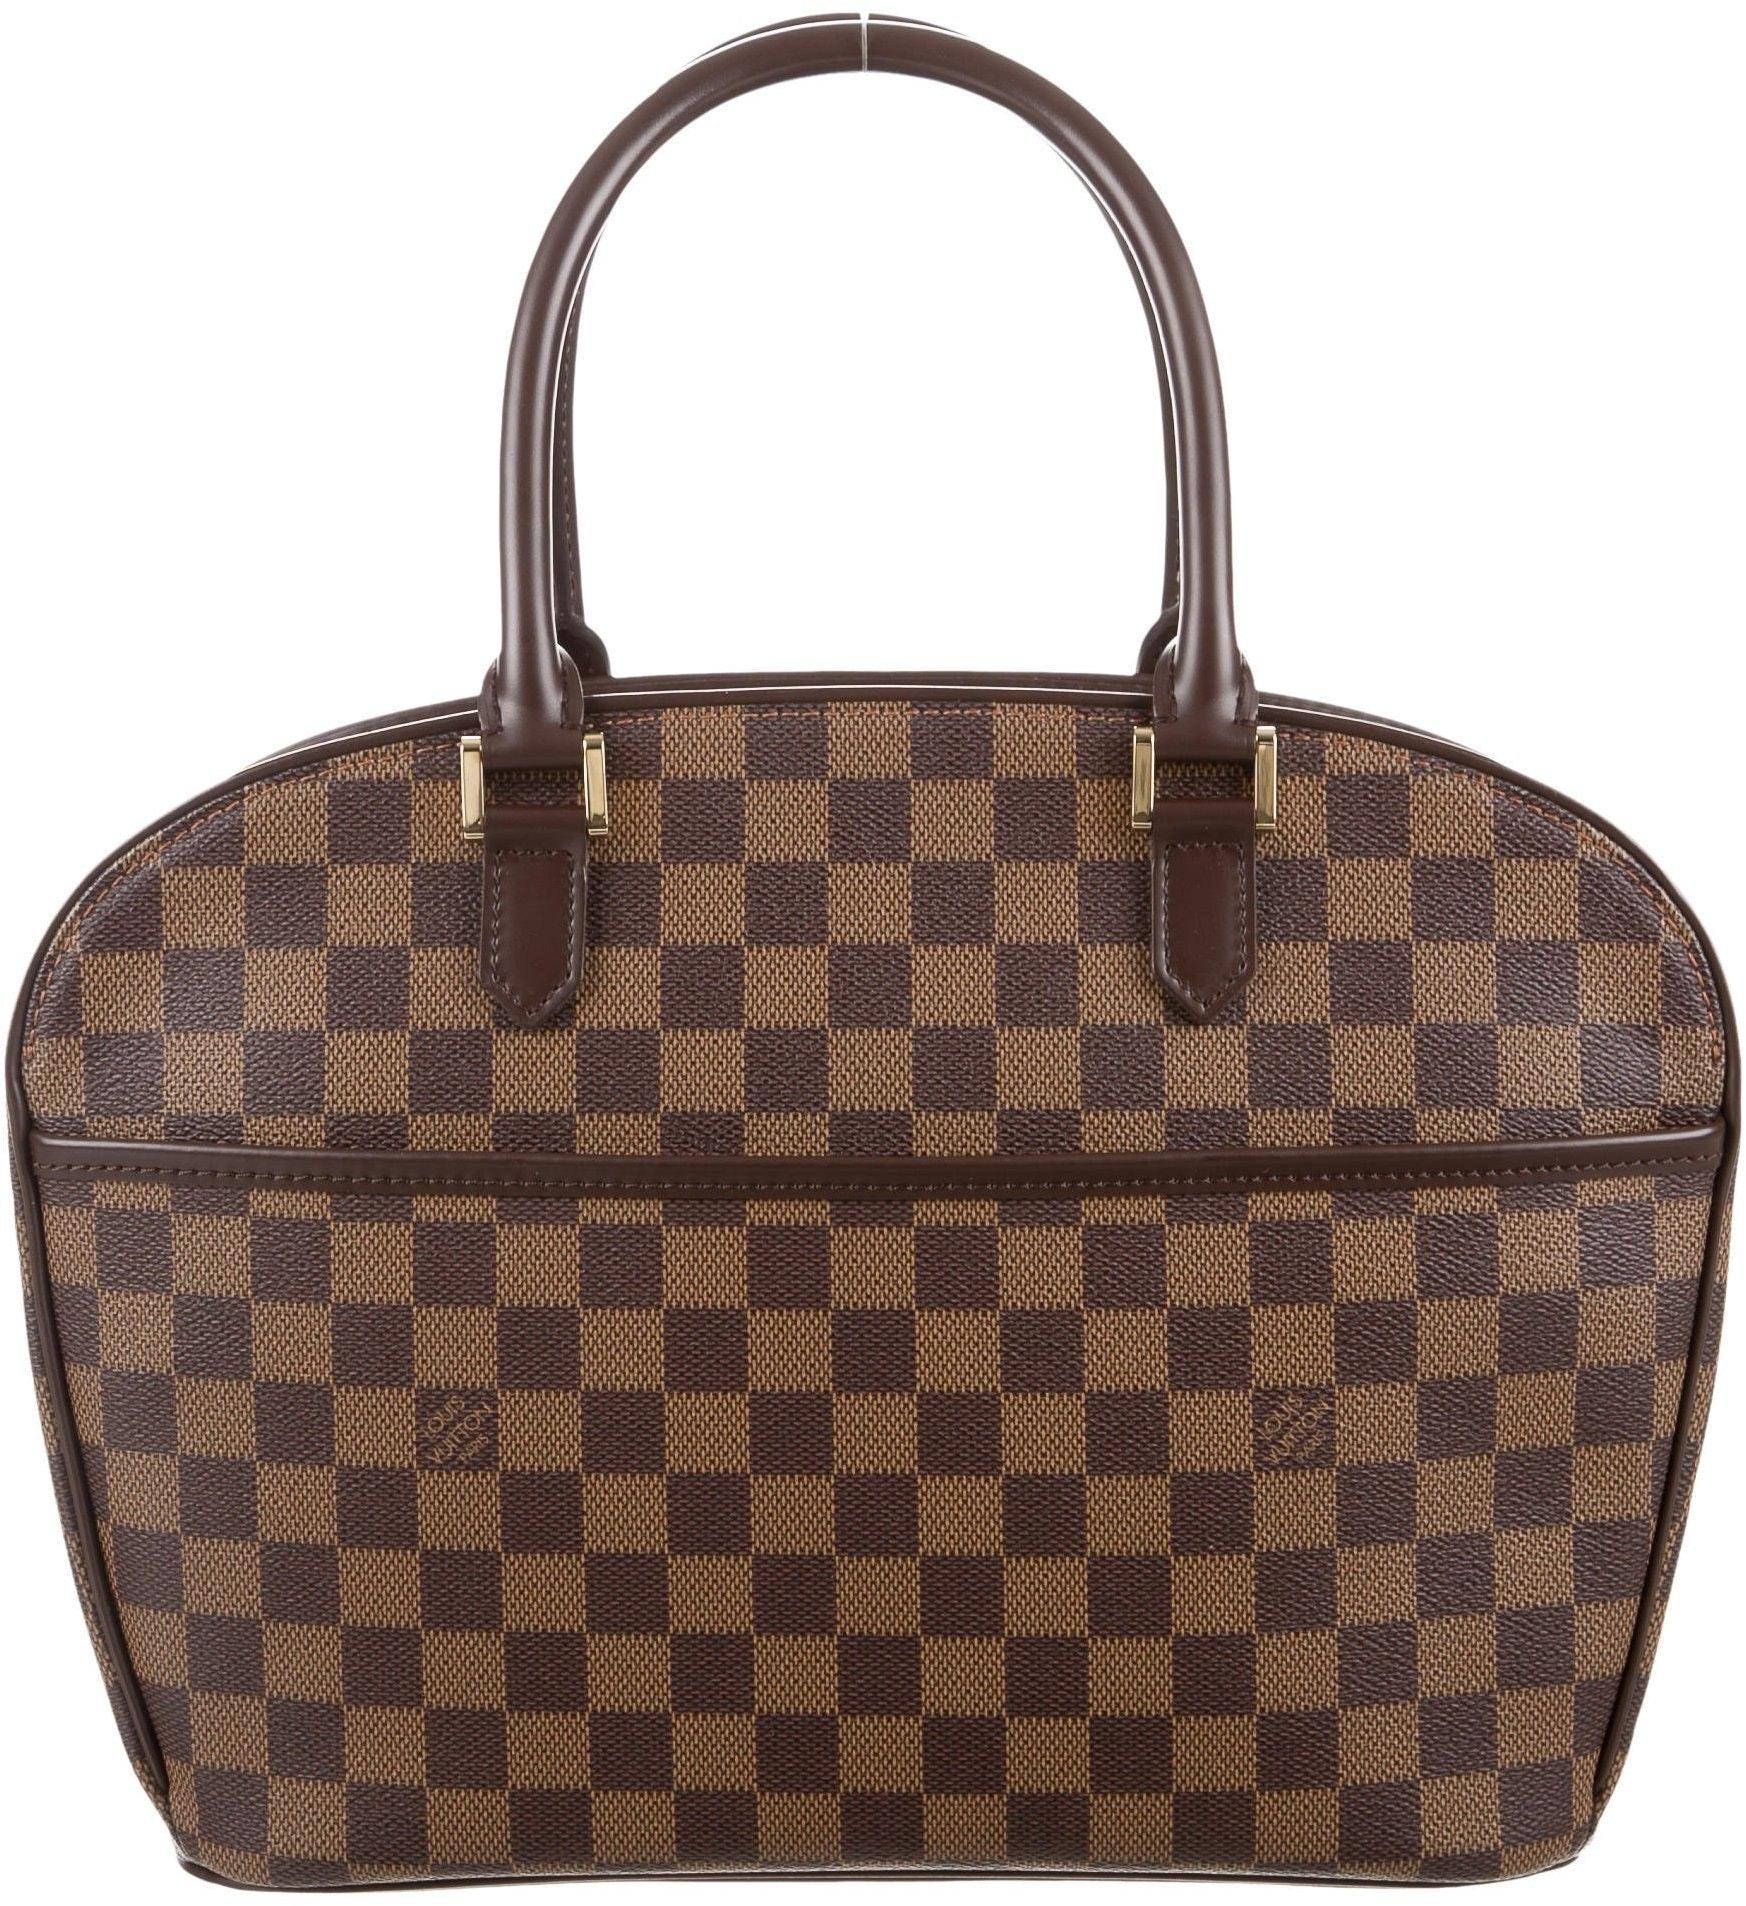 Louis Vuitton Sarria Horizontal Damier Ebene Brown